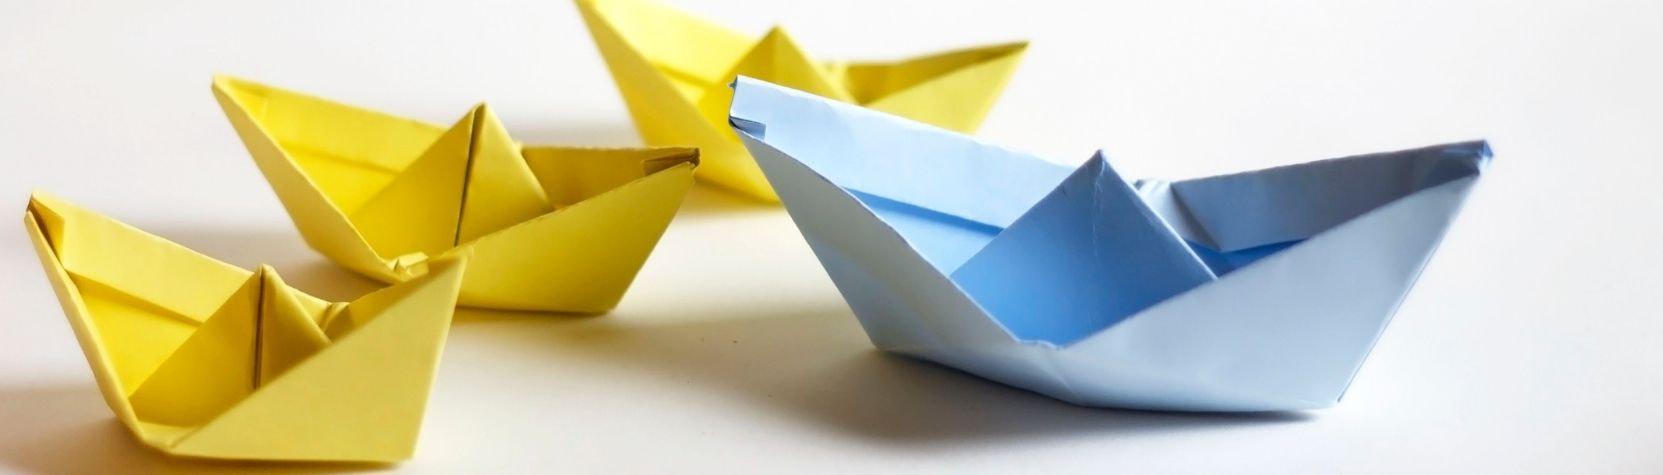 Vds training consultants blog terug naar kantoor de uitdaging die hybride werken heet